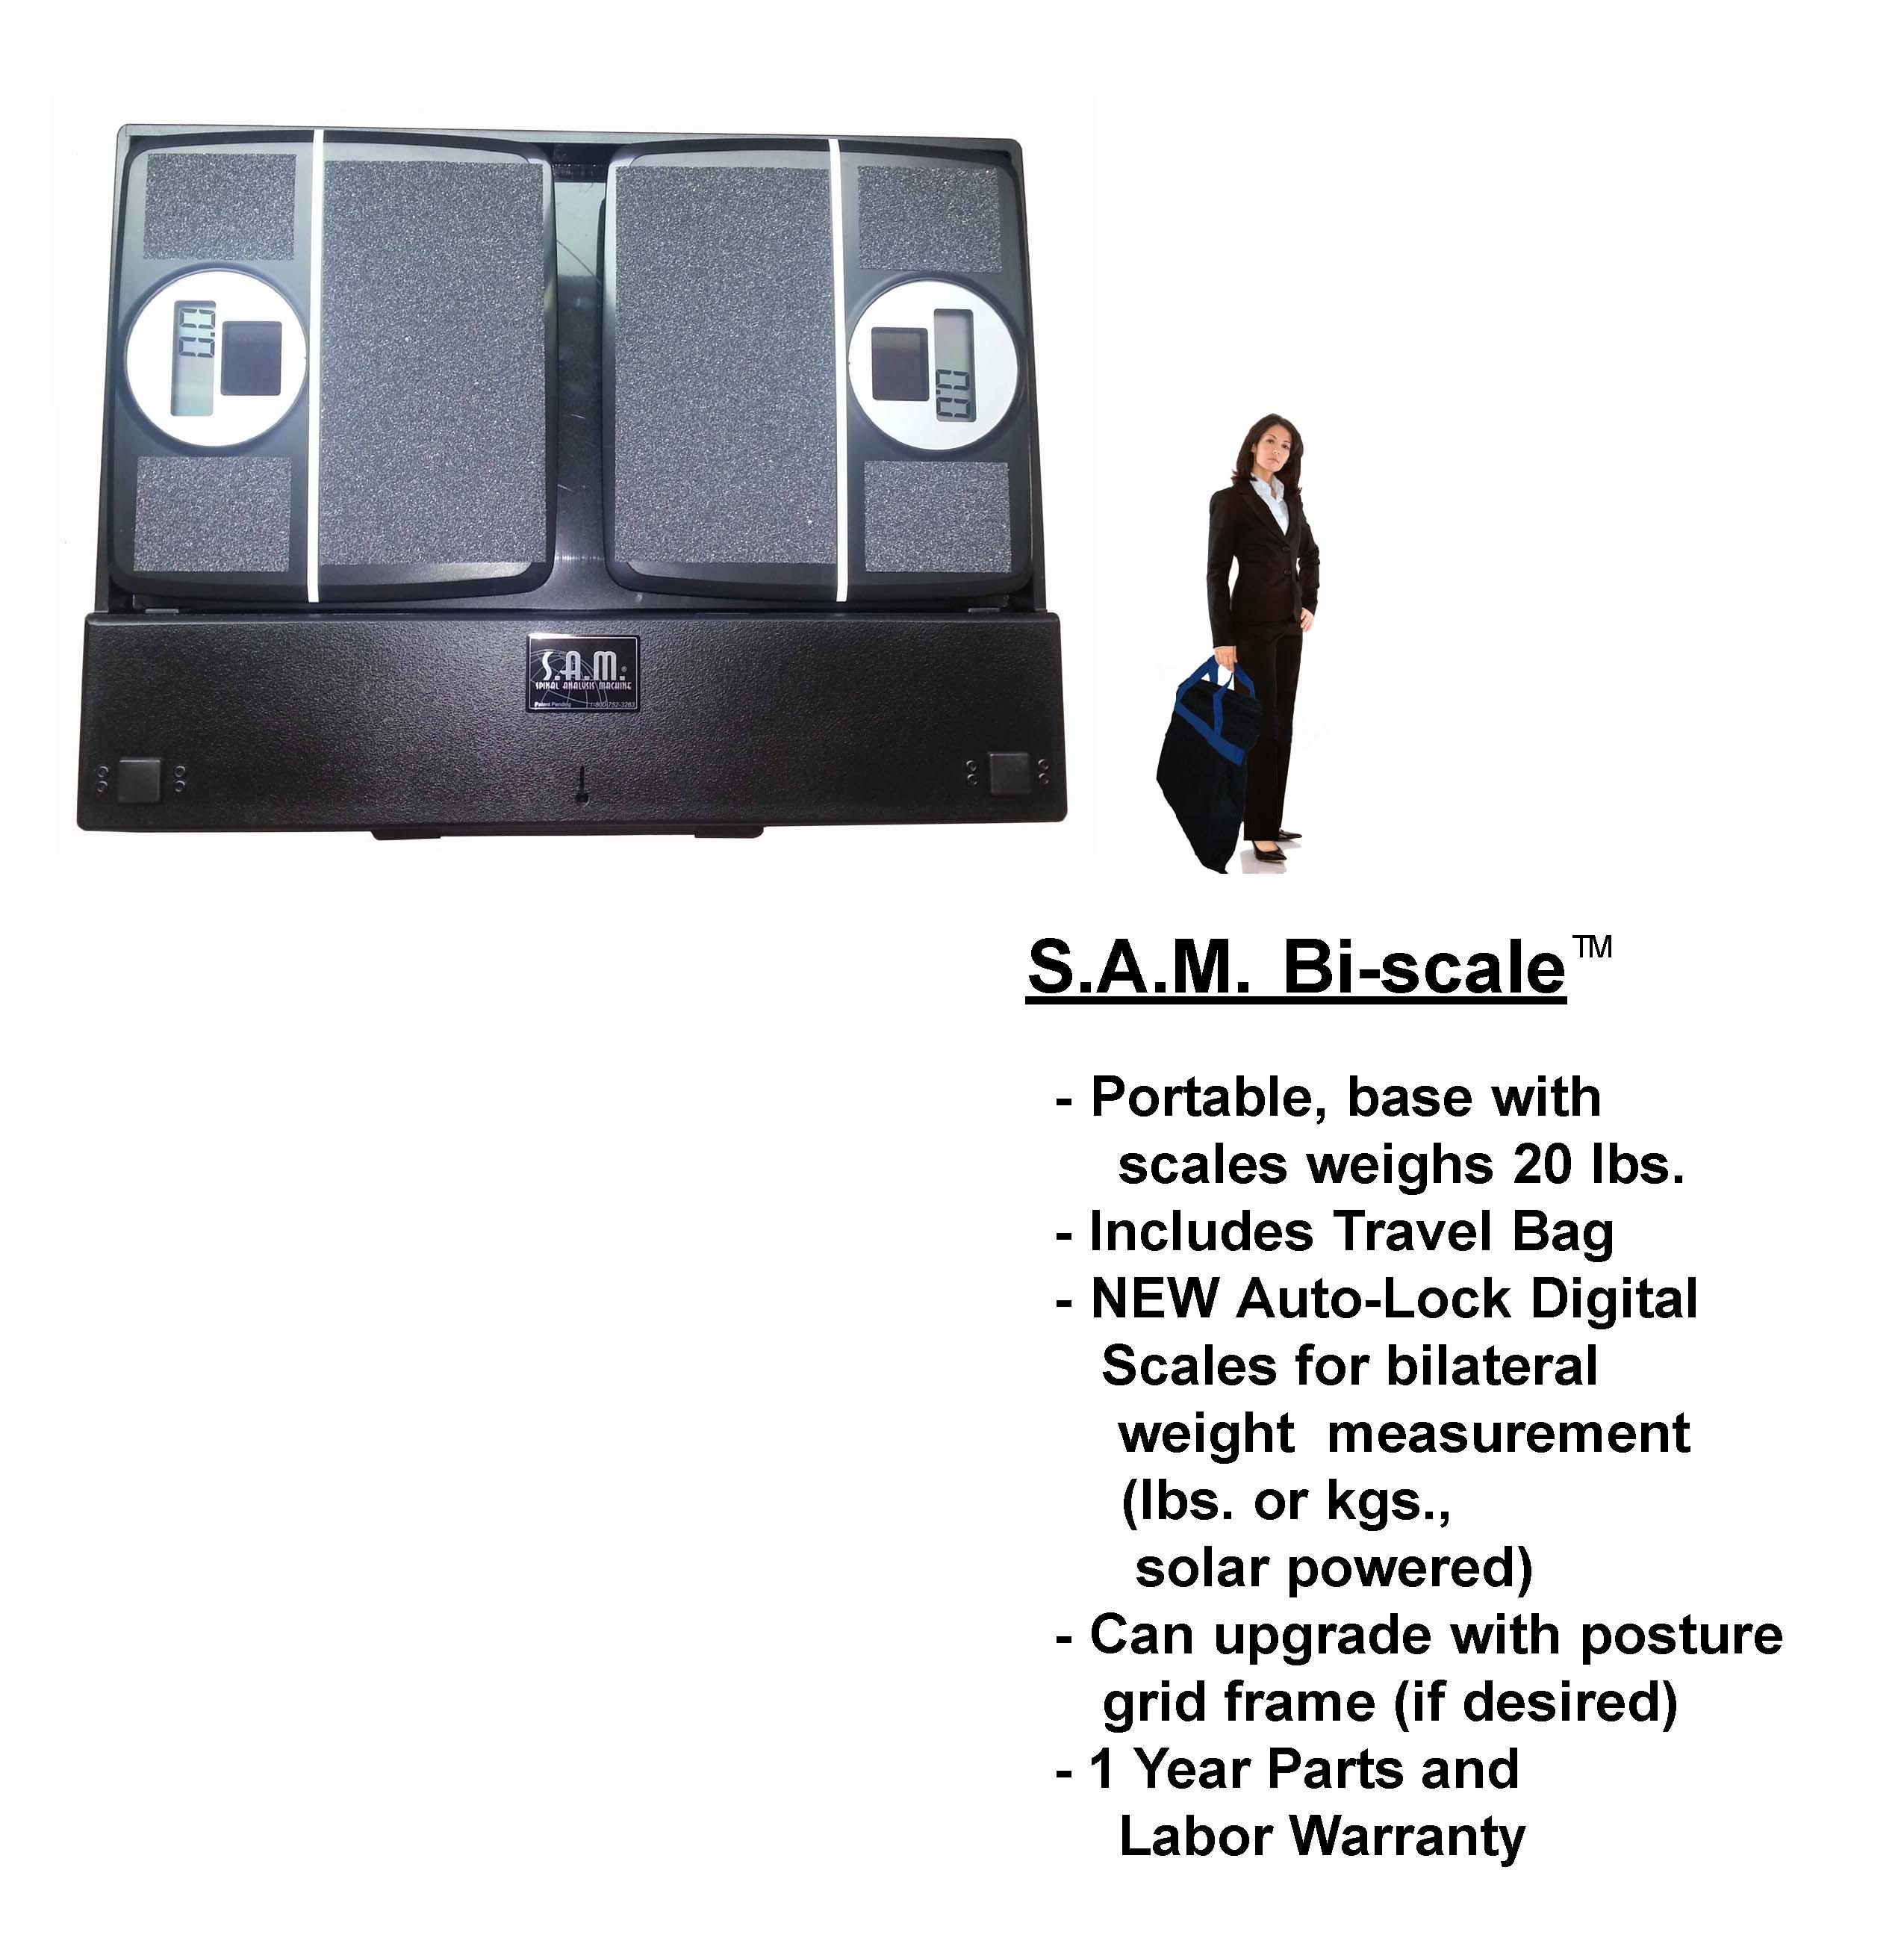 S.A.M. Bi-scale